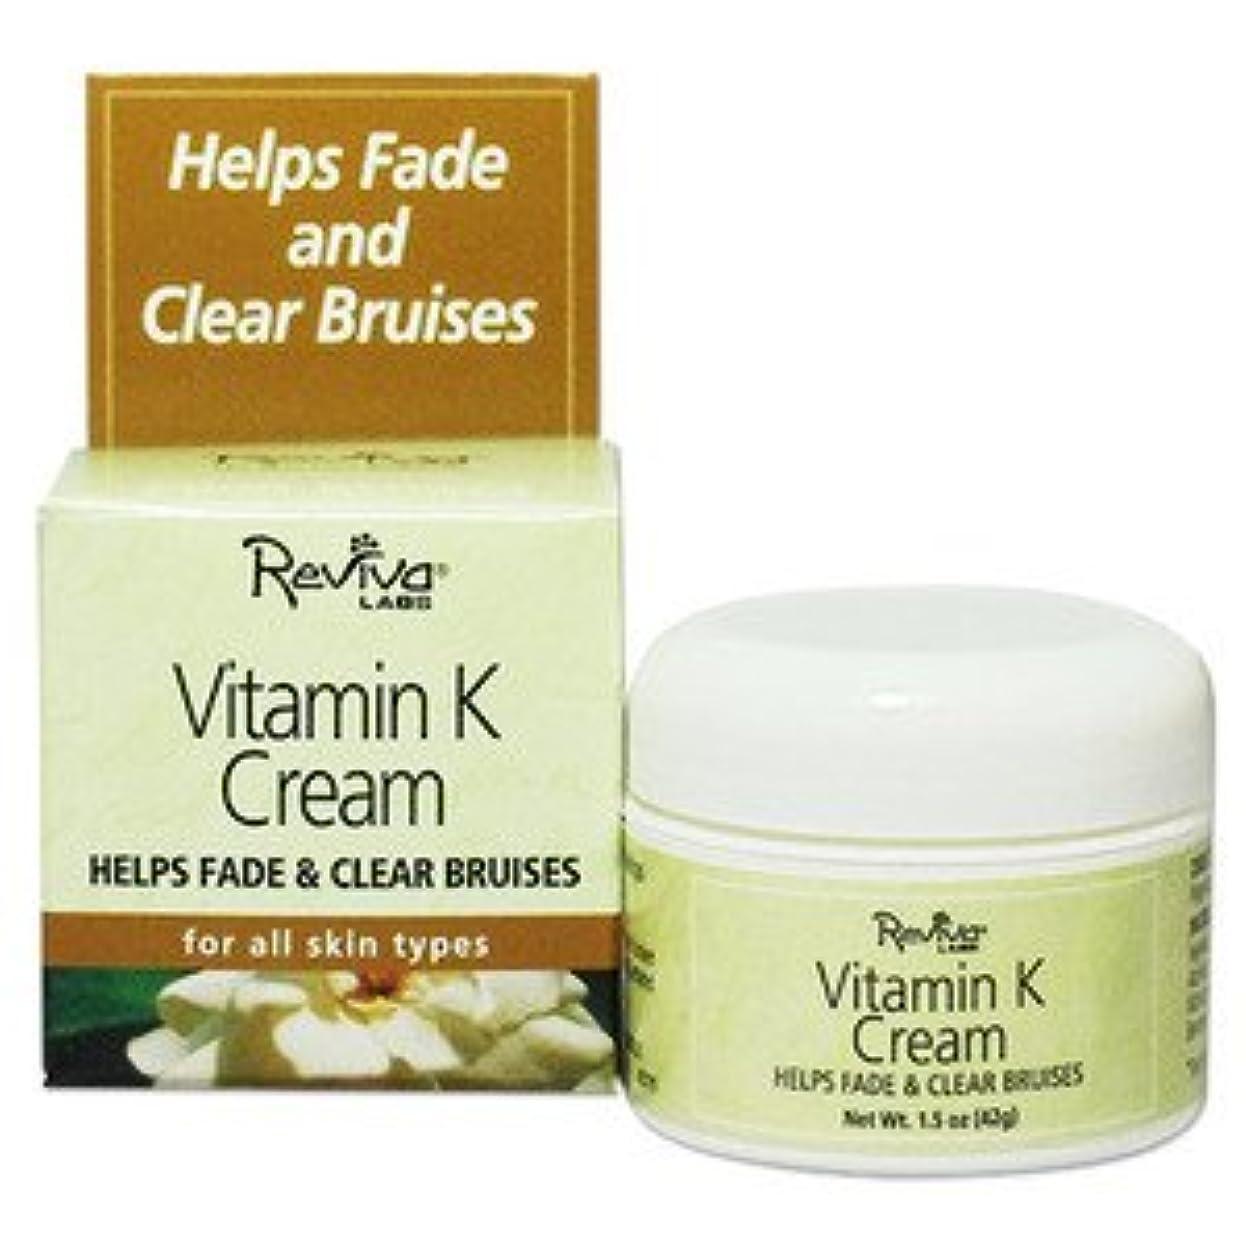 霧深いマイクロプロセッサ反論Reviva Labs レビバ社 Vitamin K Cream  (42 g)  ビタミンK クリーム 海外直送品